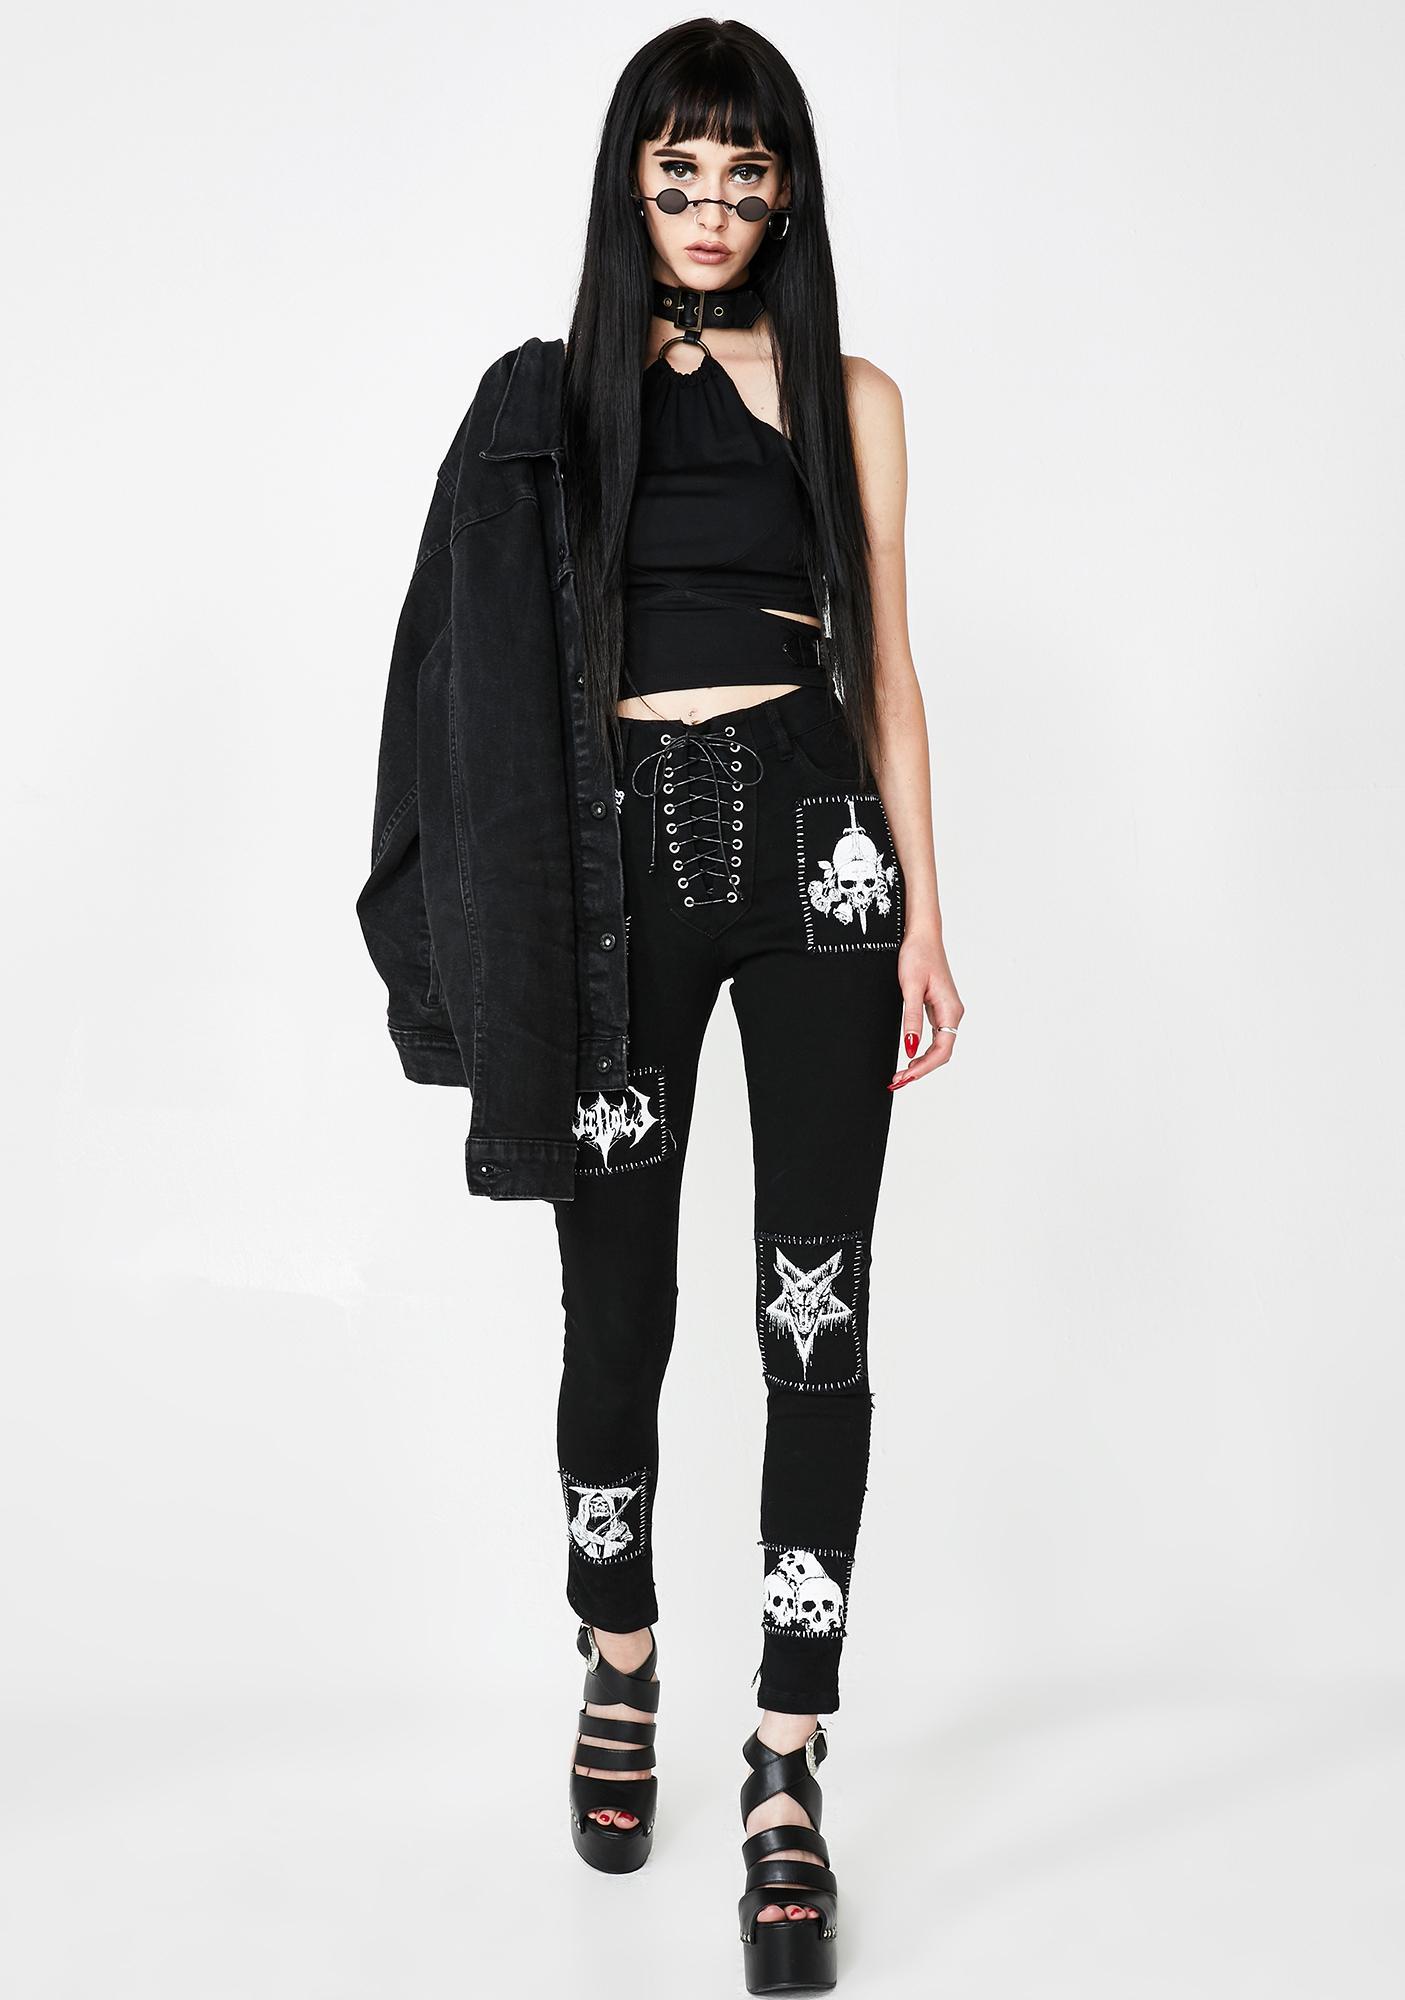 Kiki Riki Punk Mode Halter Top